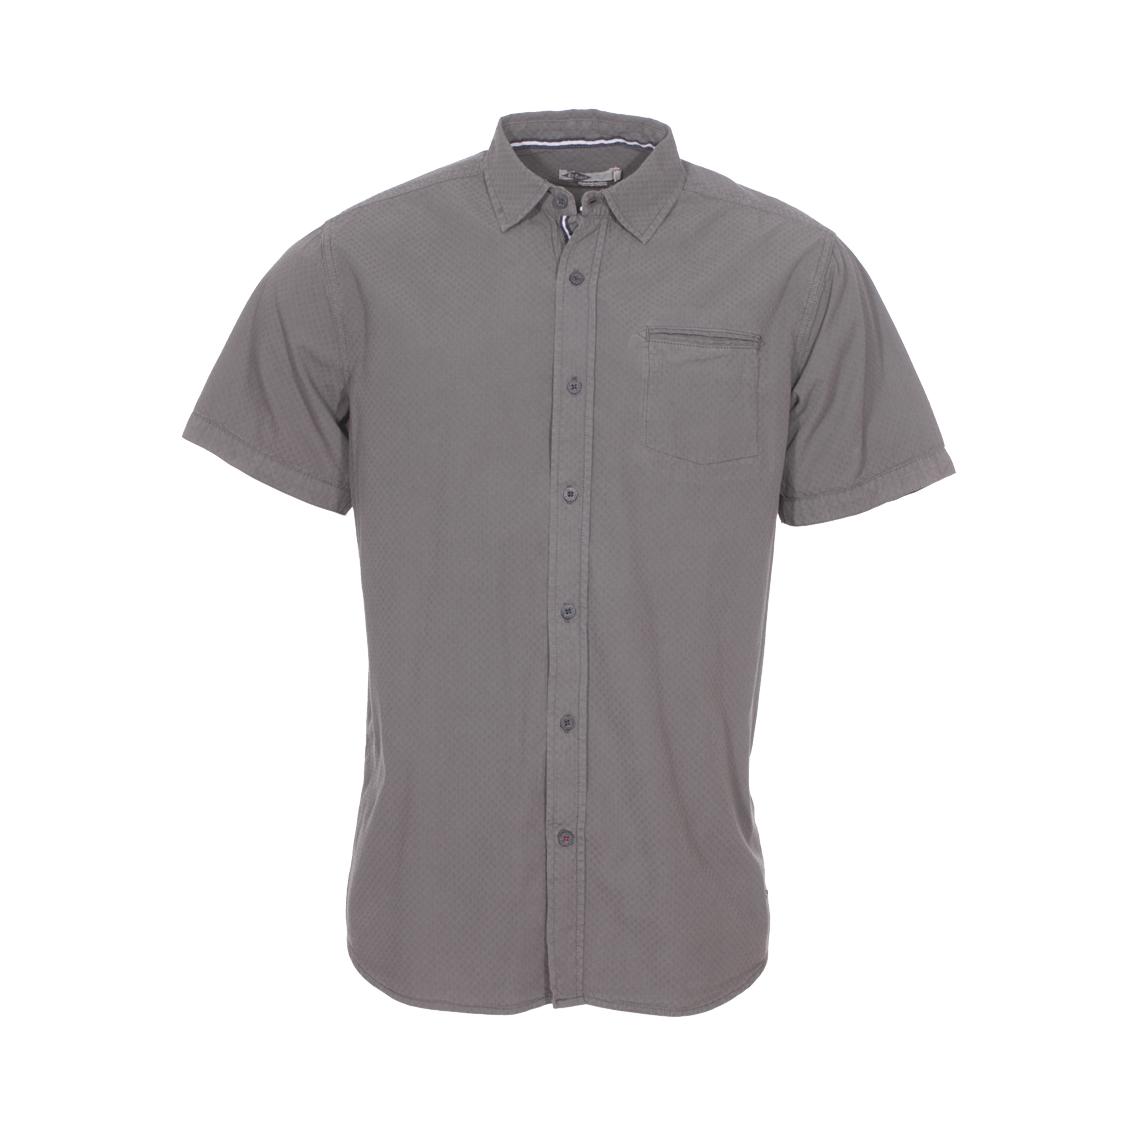 Chemise droite manches courtes Lee Cooper Dodge en coton gris à détails graphiques ton sur ton